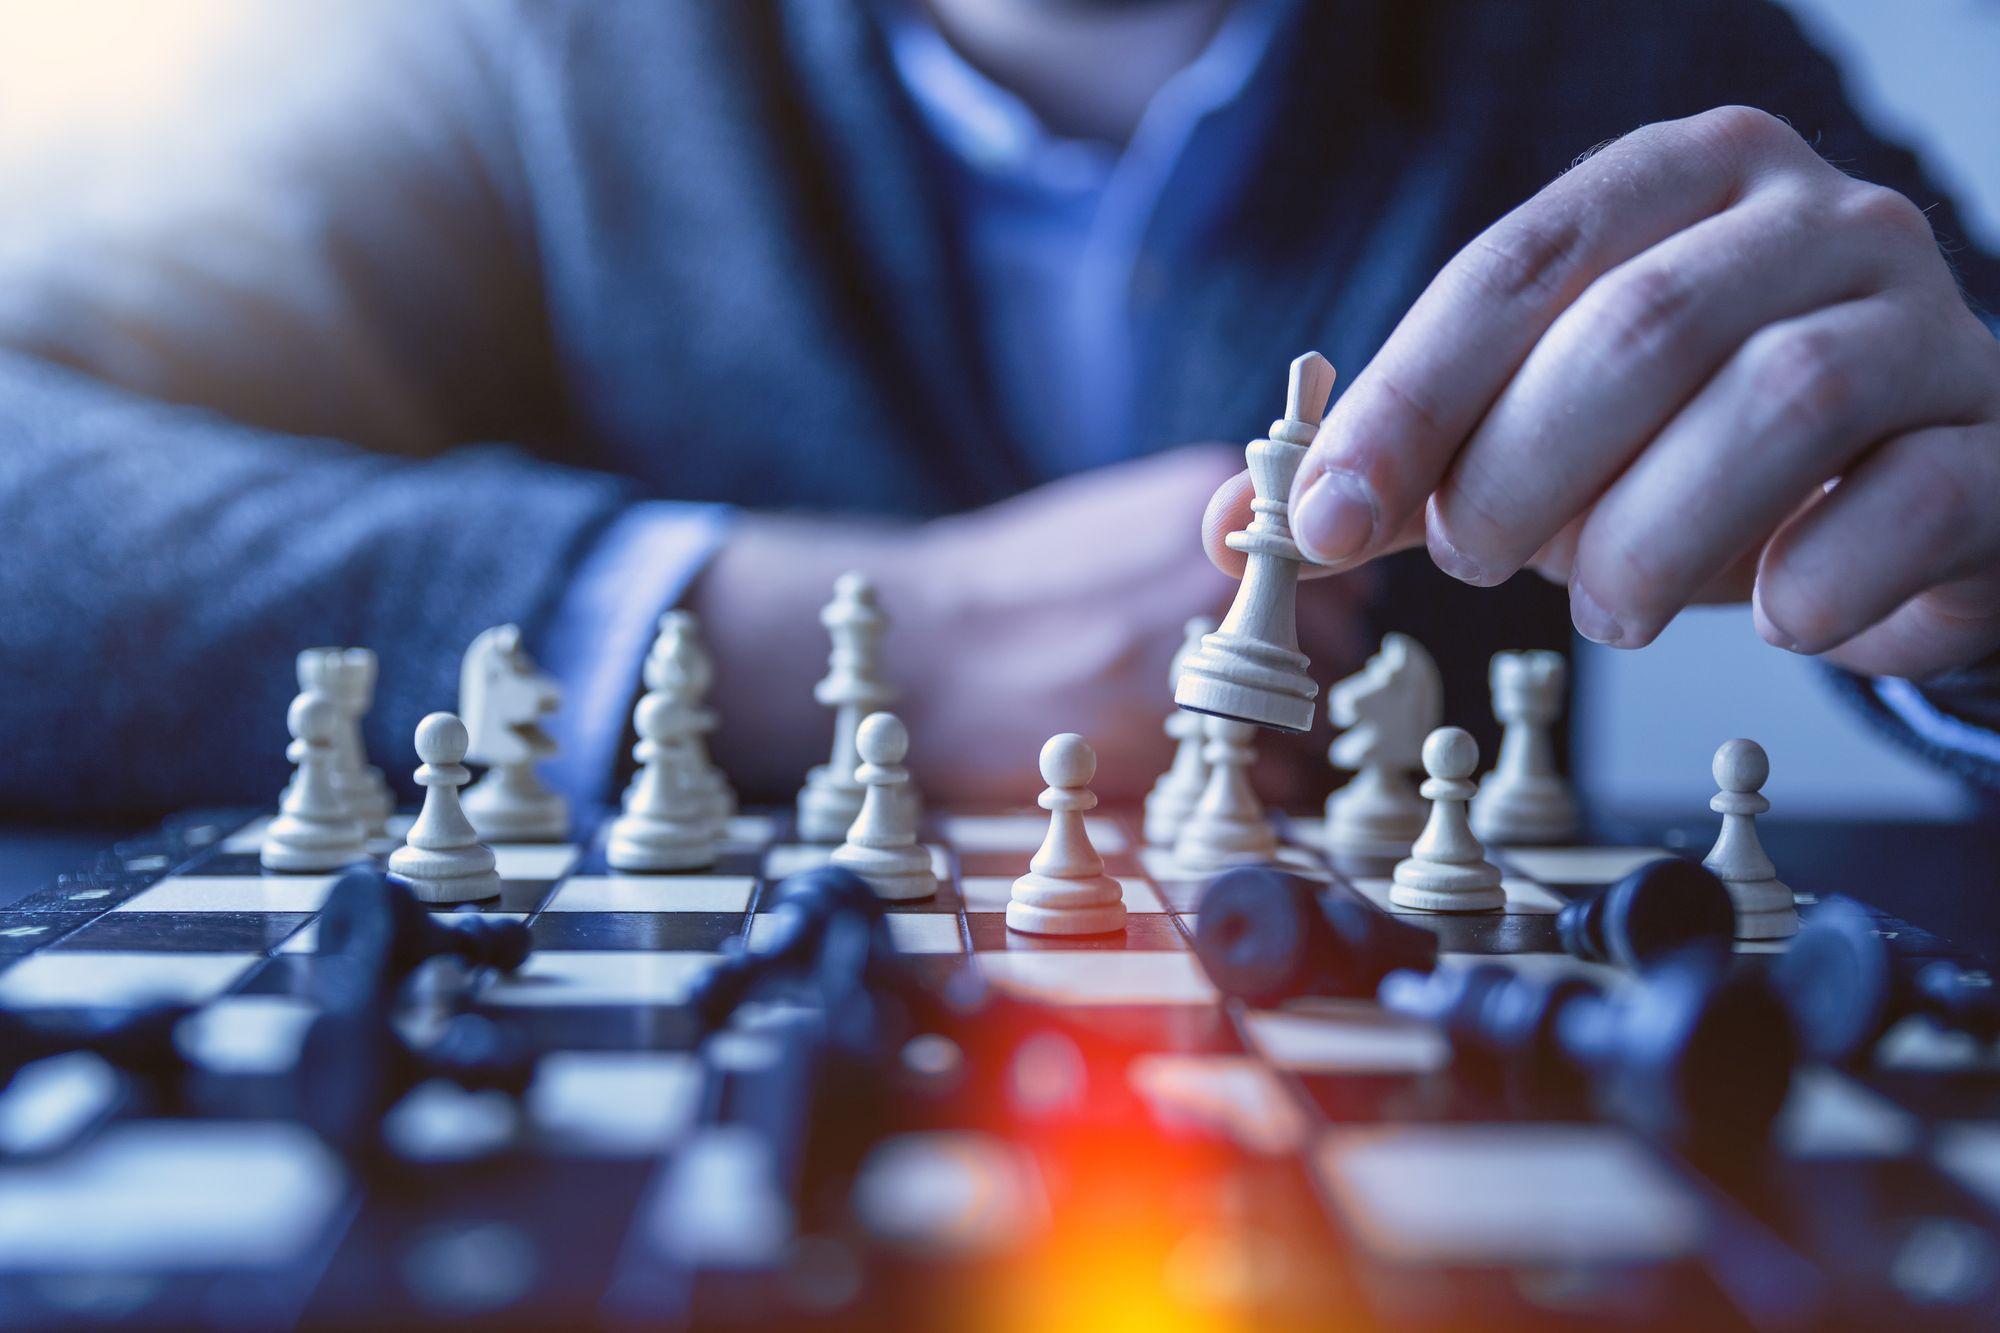 Estratégias de crescimento das empresas: confira as 4 melhores